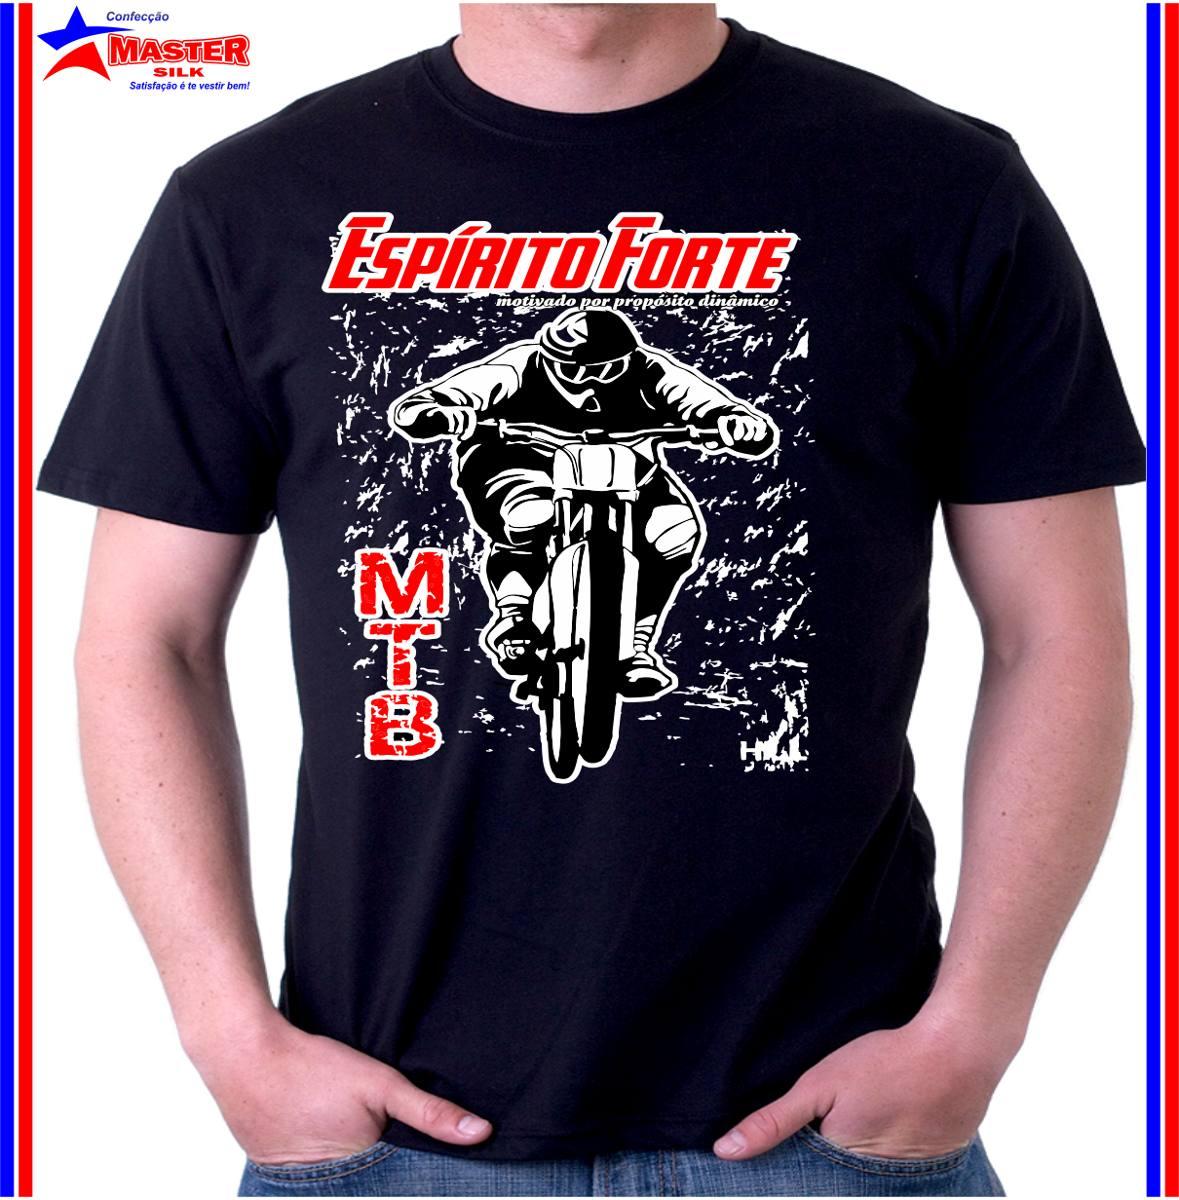 ef7b72cef5 camisa camiseta ciclismo mountain bike bmx esporte radical. Carregando zoom.